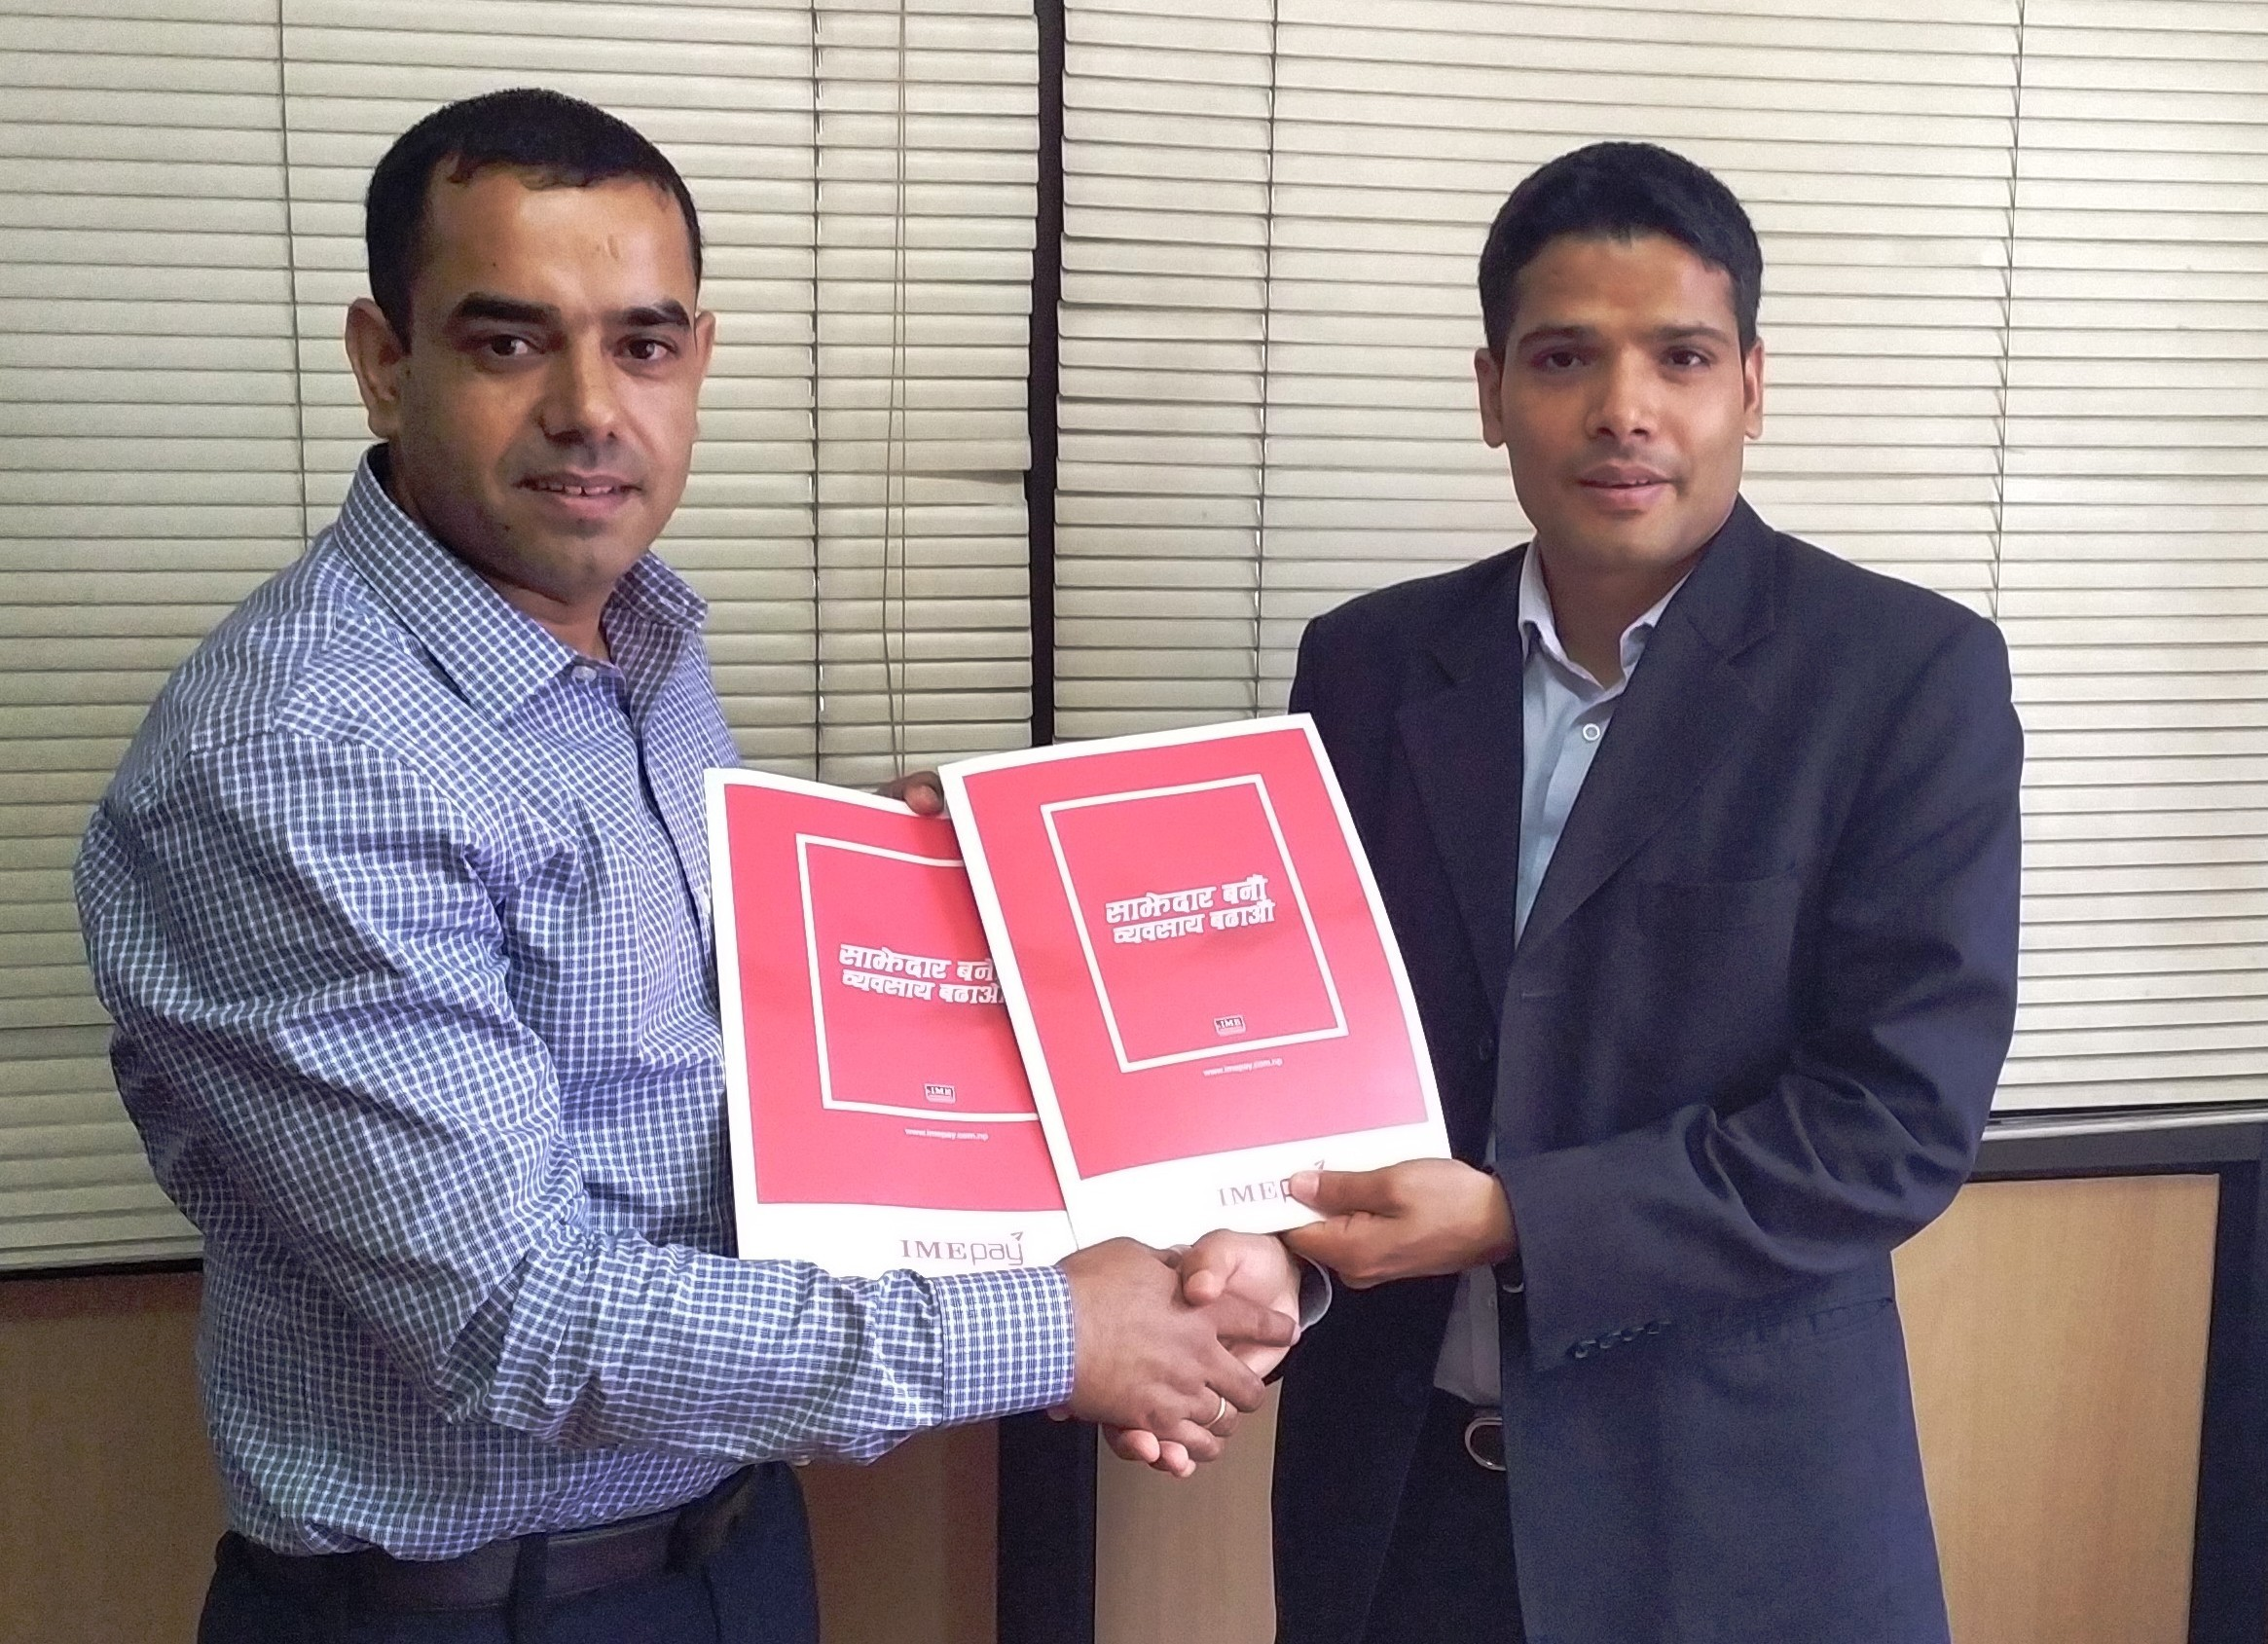 आइएमई पे–आइसीएफसी फाइनान्स सम्झौता